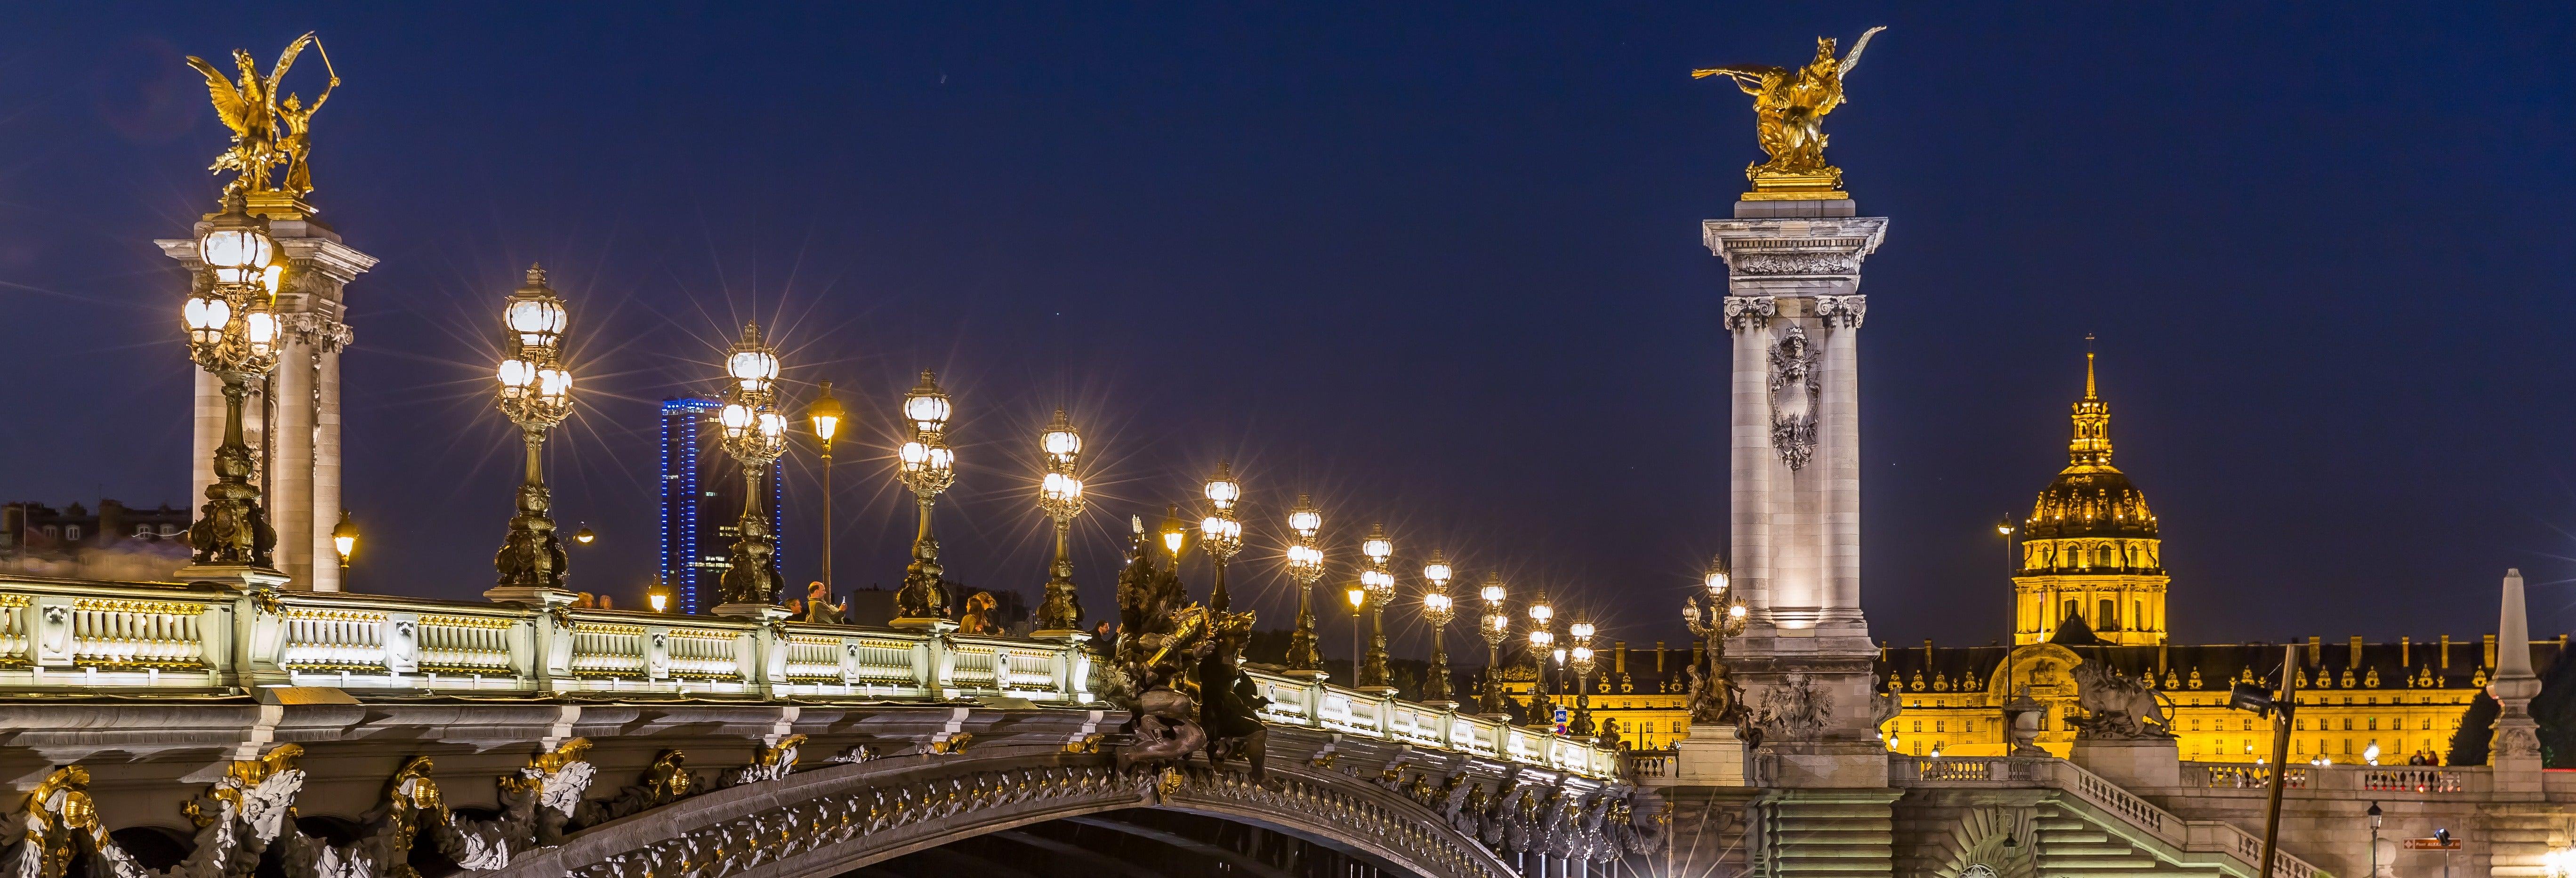 Passeio noturno pela Paris das luzes